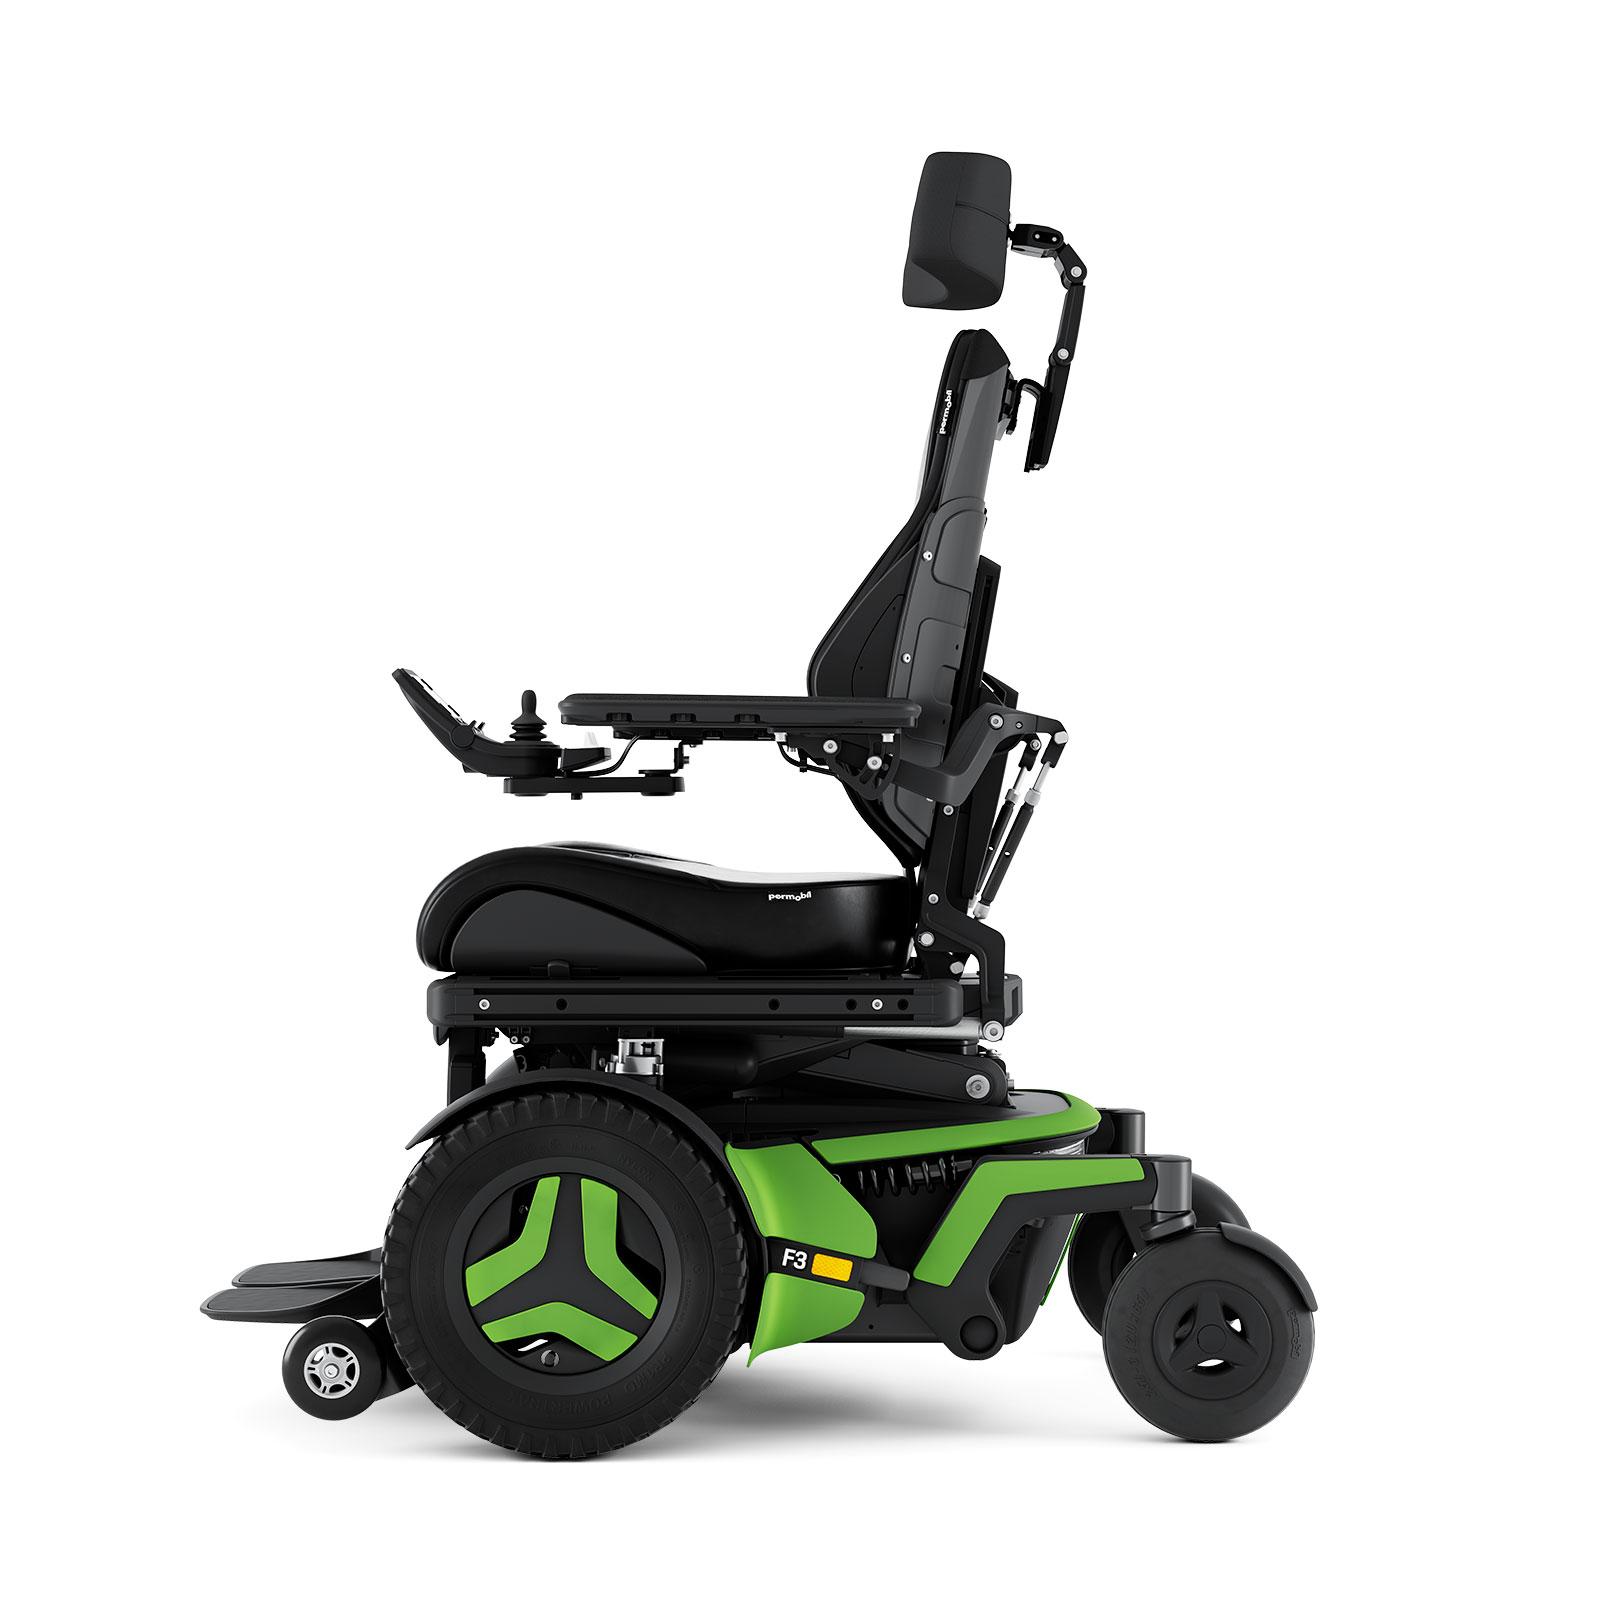 permobil f3 corpus indoor/outdoor powerchair in norfolk